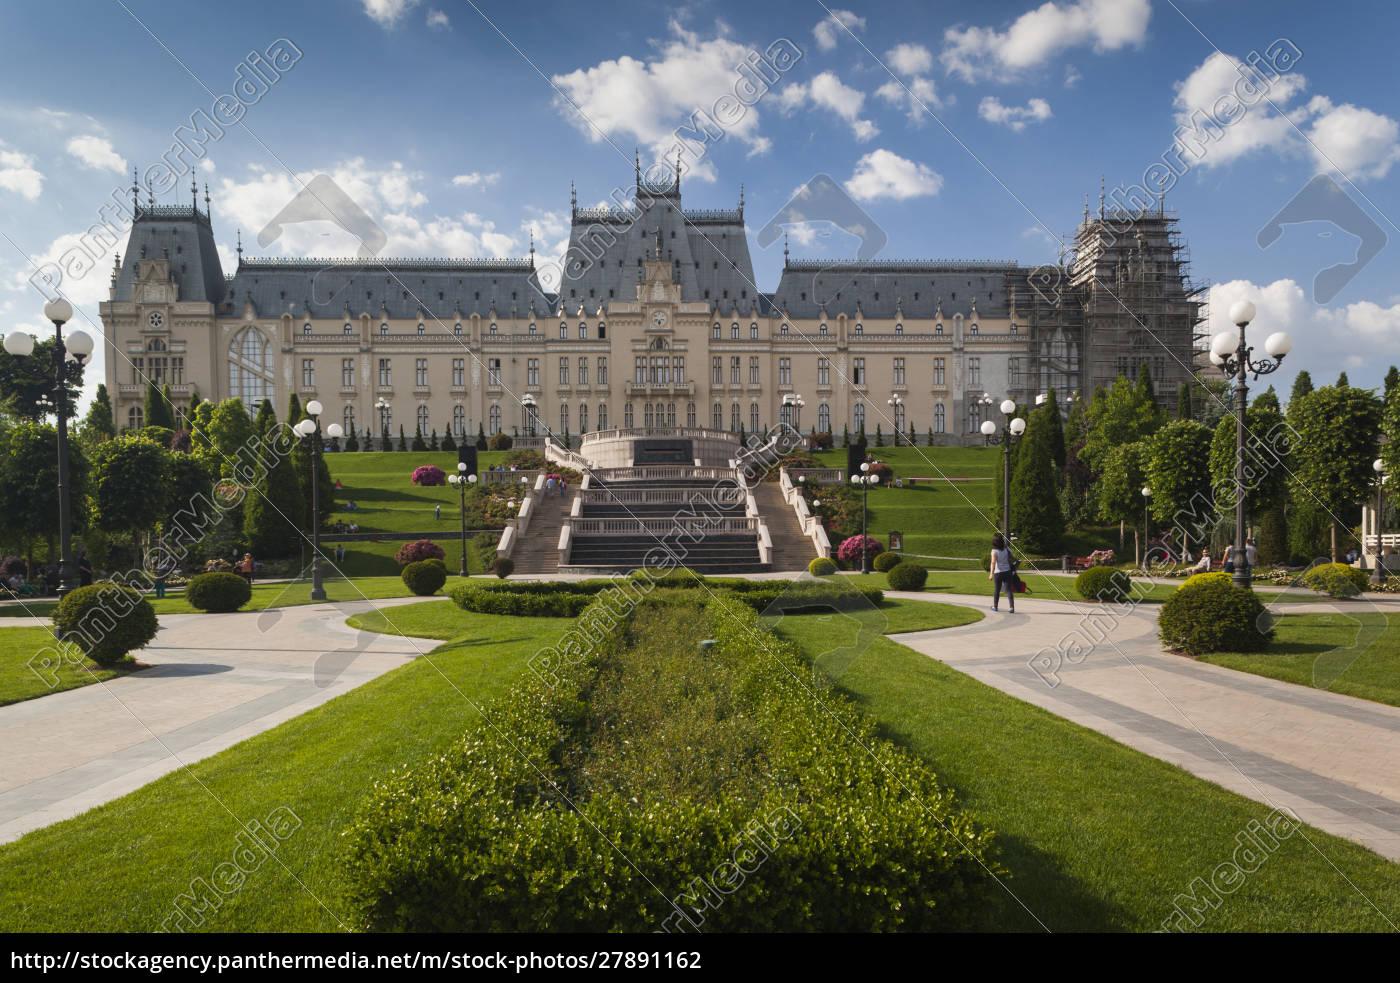 romania, , moldavia, , iasi, , palace, of, culture, - 27891162